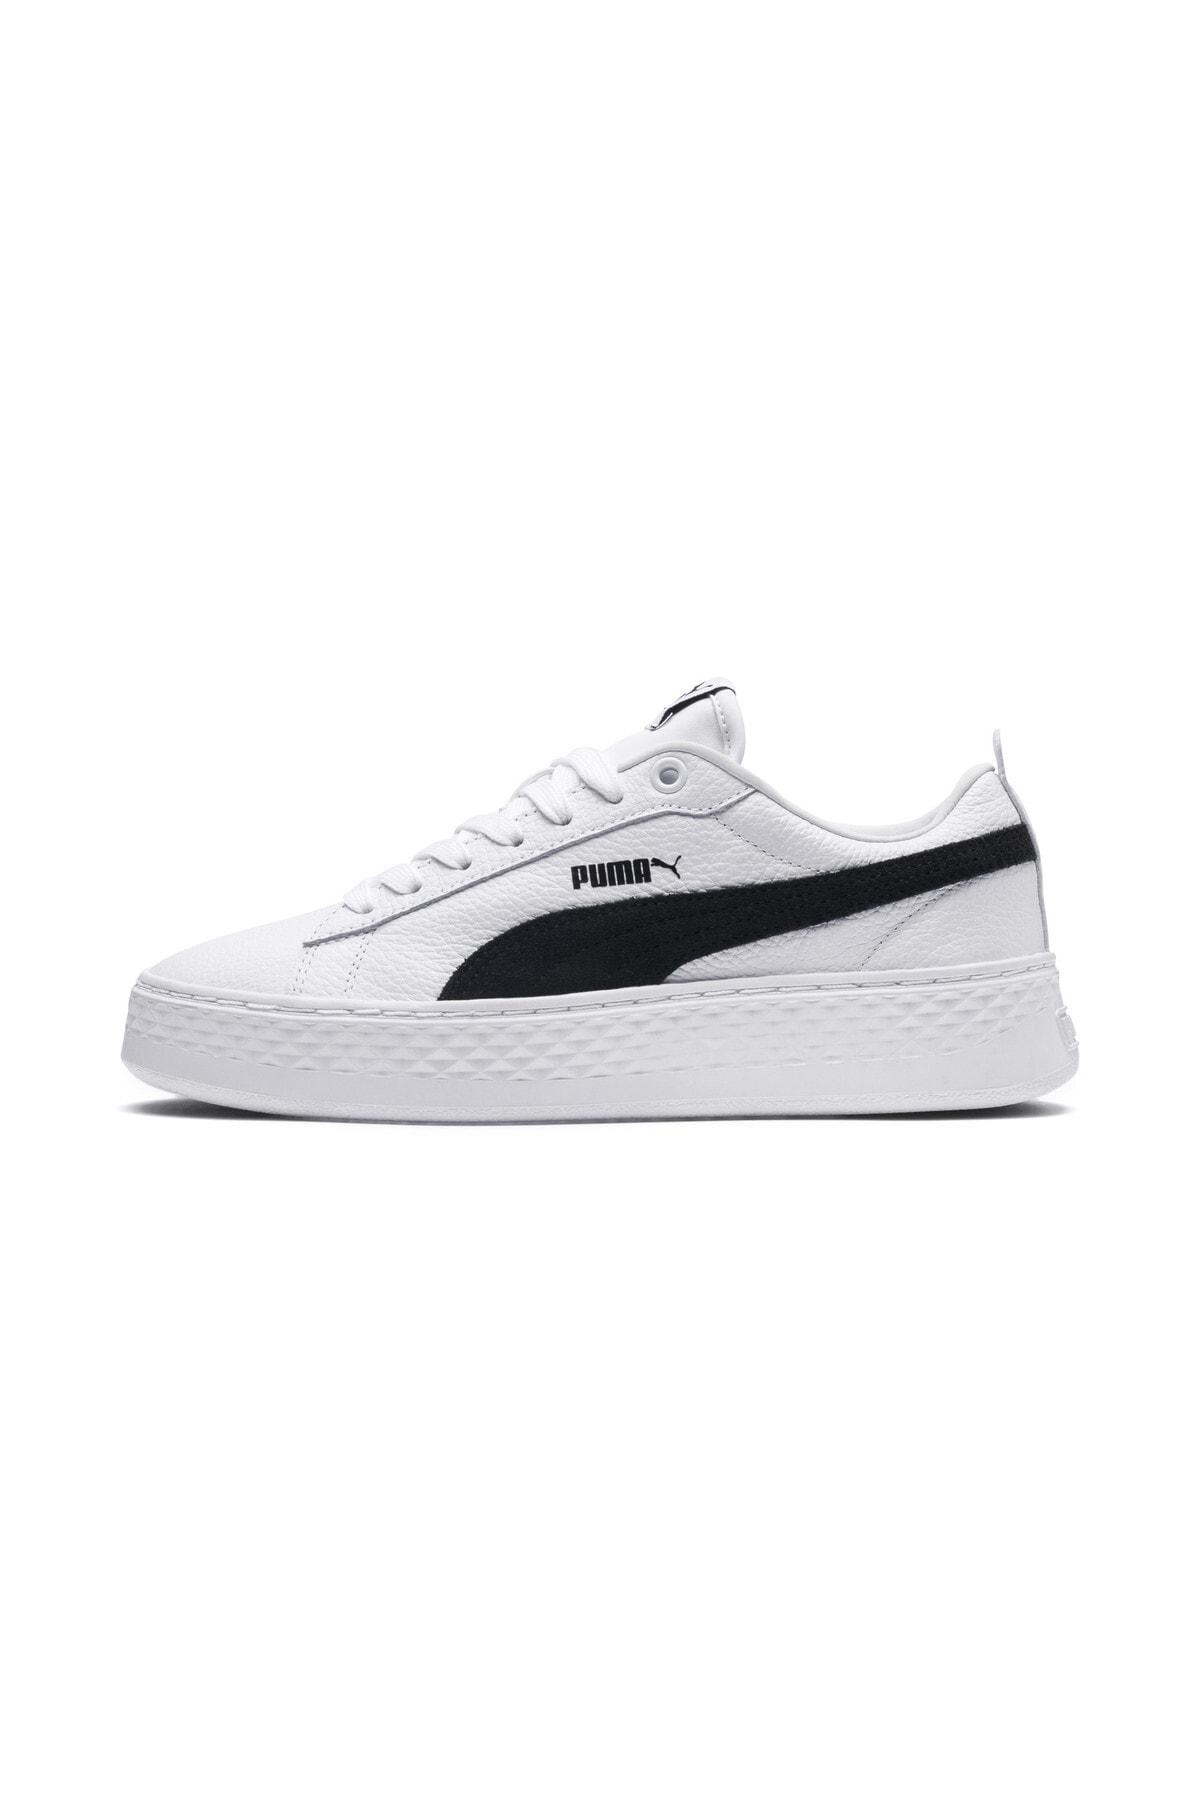 Puma SMASH PLATFORM L Beyaz Kadın Sneaker Ayakkabı 101119221